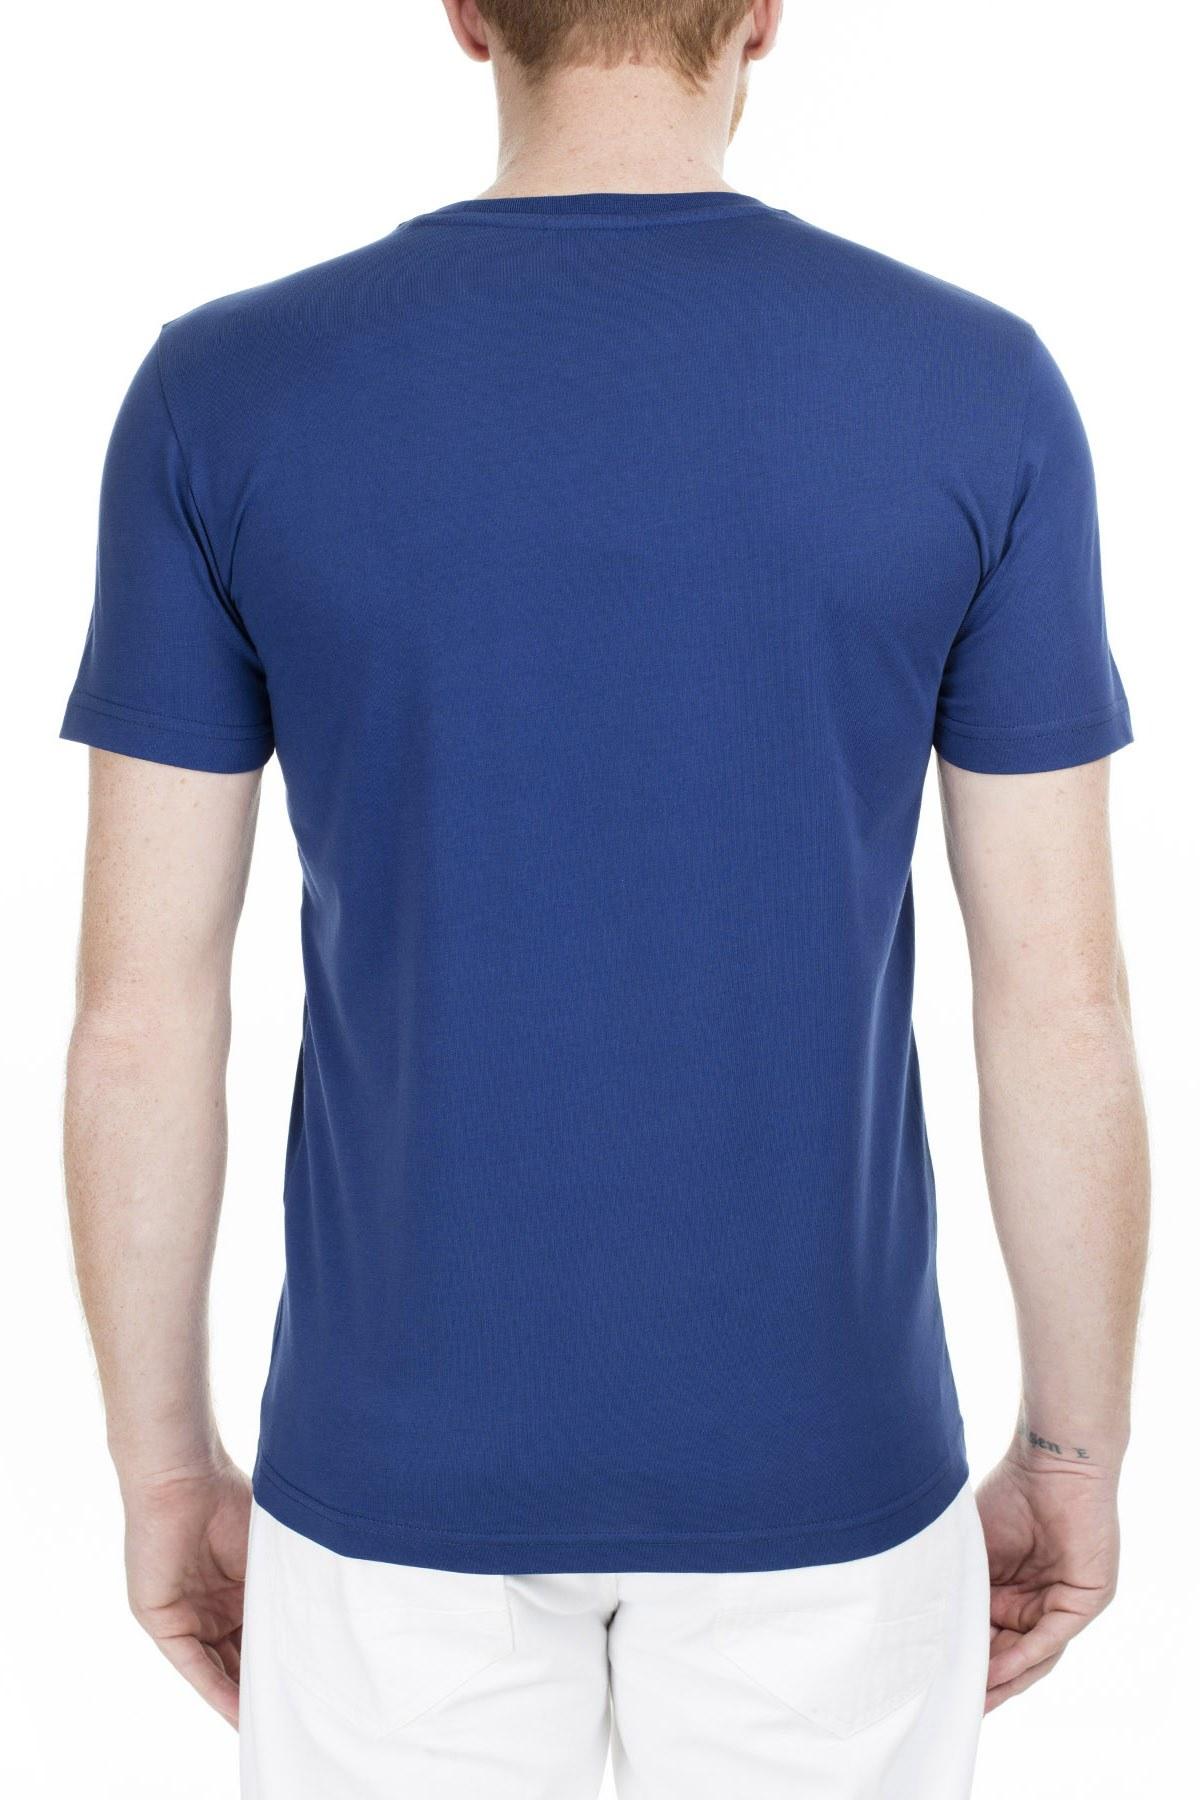 Lacoste Slim Fit Erkek T Shirt TH0013 13M SAKS-MAVİ